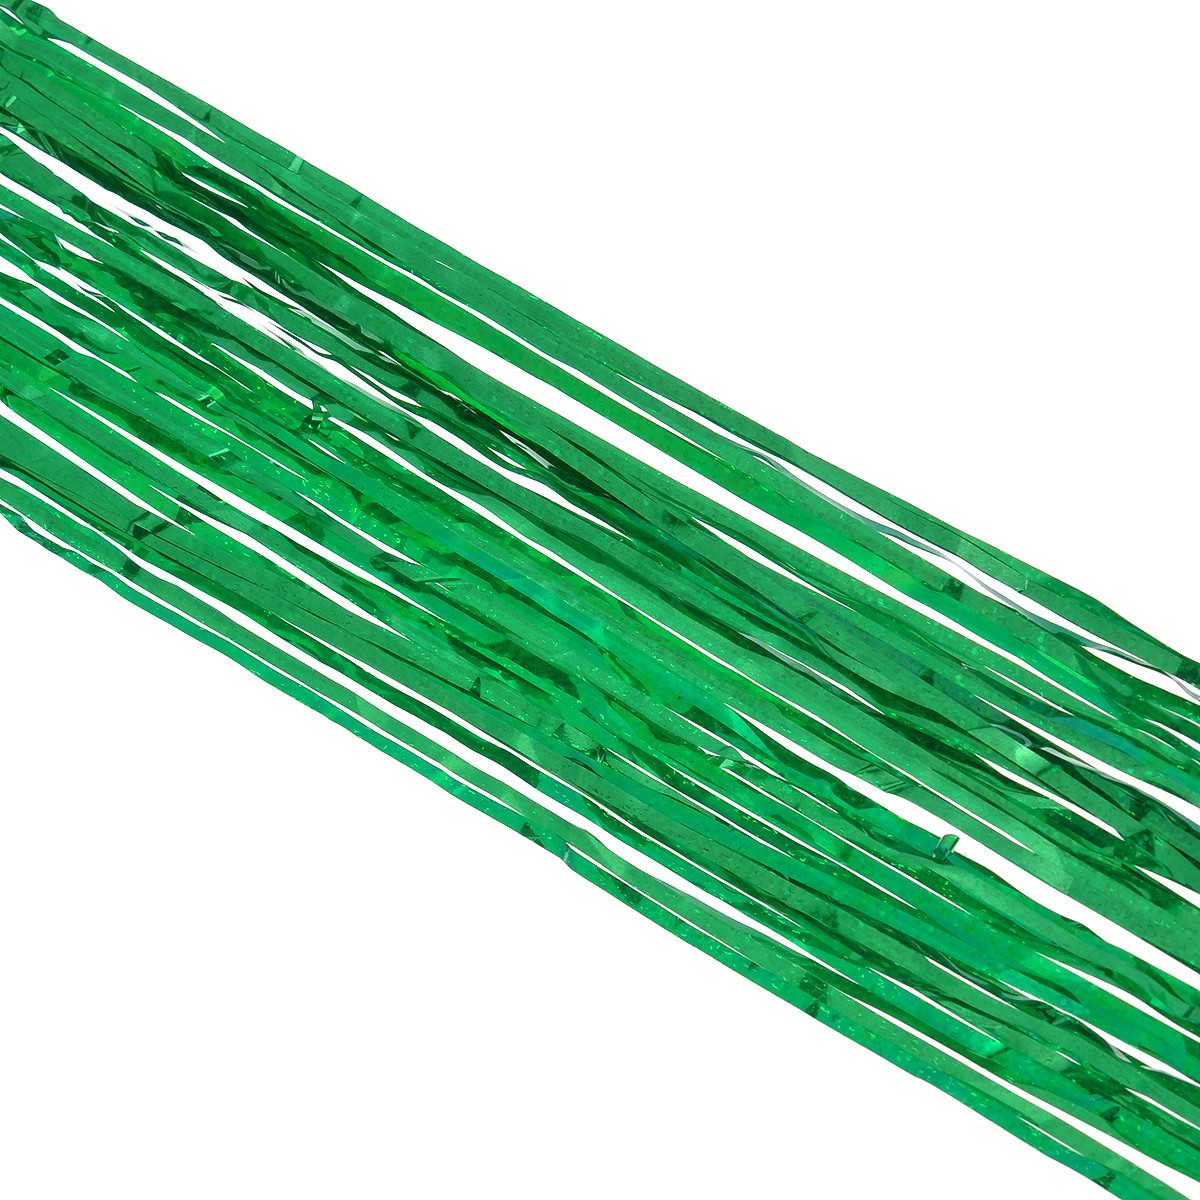 Дождик новогодний Sima-land, цвет: зеленый, 15 см х 1 м. 702534702534Новогодний дождик Sima-land, изготовленный из фольги, поможет вам украсить свой дом к предстоящим праздникам. Новогодняя елка с таким украшением станет еще наряднее. Новогодним дождиком можно украсить все, что угодно - елку, квартиру, дачу, офис - как внутри, так и снаружи. Можно сложить новогодние поздравления, буквы и цифры, дождиком можно украсить и дополнить гирлянды, можно выделить дверные колонны, оплести дверные проемы.Коллекция декоративных украшений из серии Зимнее волшебство принесет в ваш дом ни с чем не сравнимое ощущение праздника! Создайте в своем доме атмосферу тепла, веселья и радости, украшая его всей семьей.Ширина: 15 см.